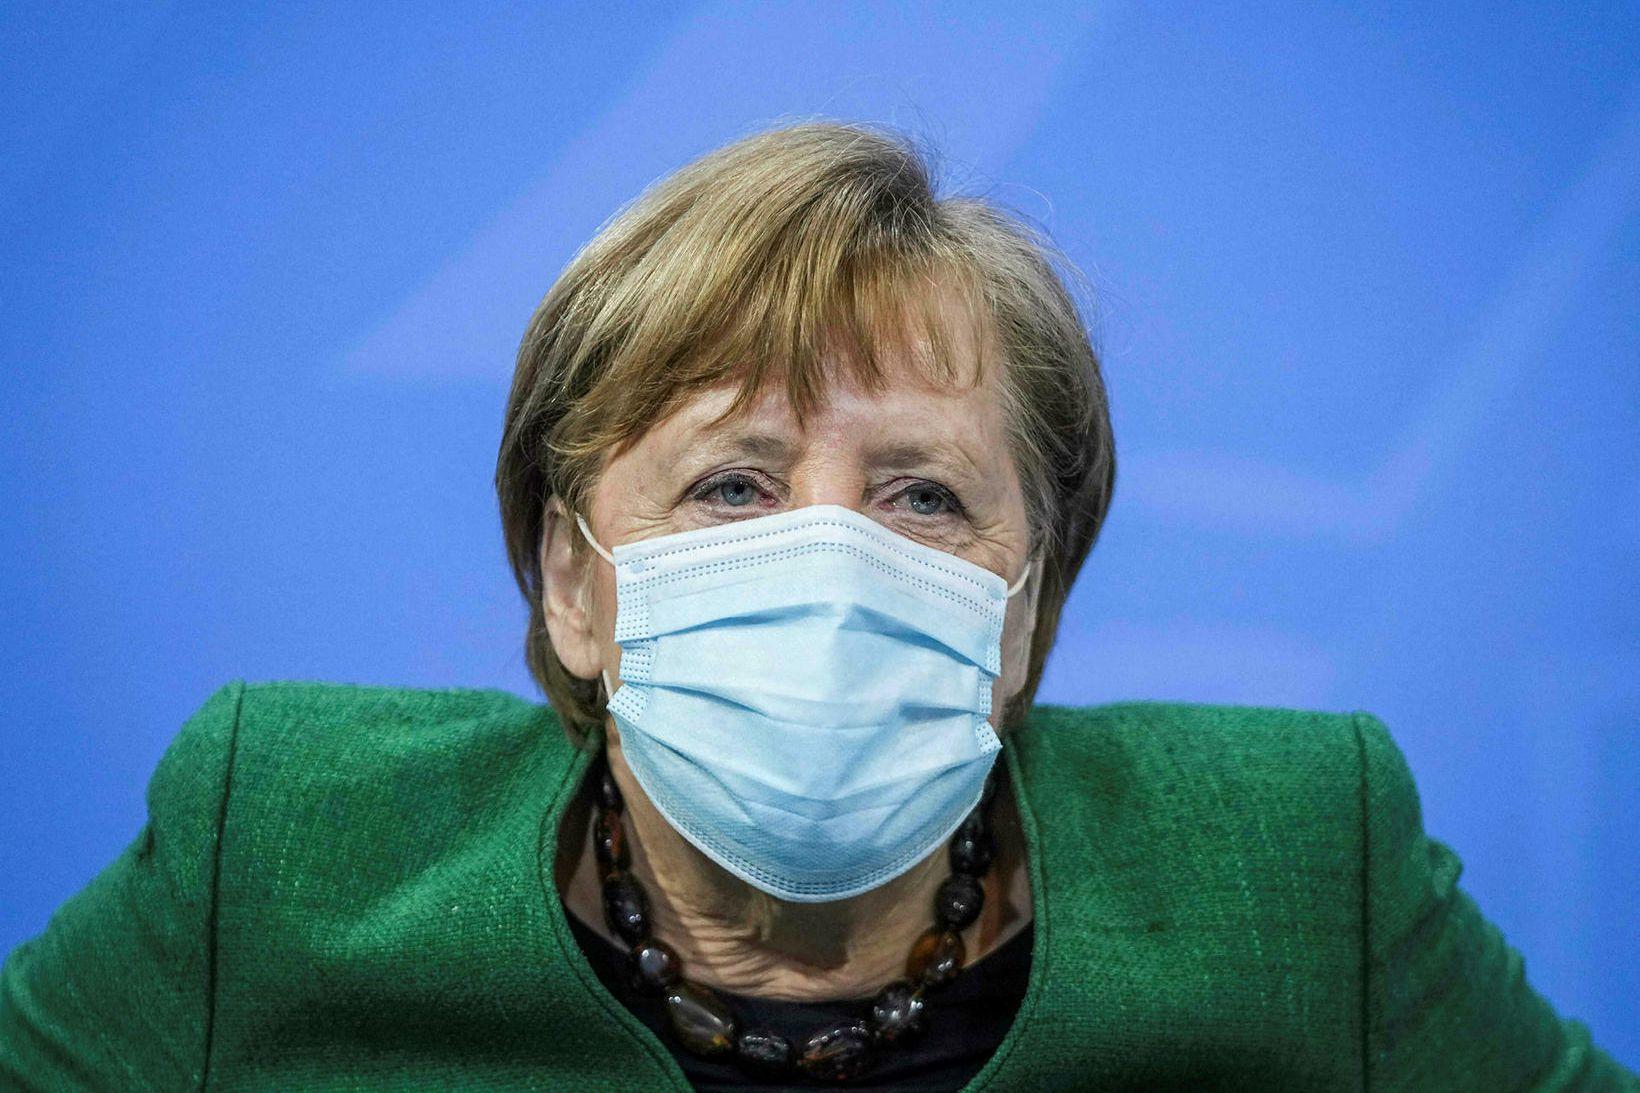 Kanslari Þýskalands, Angela Merkel, kynnti takmarkanir á samkomum á fundi …